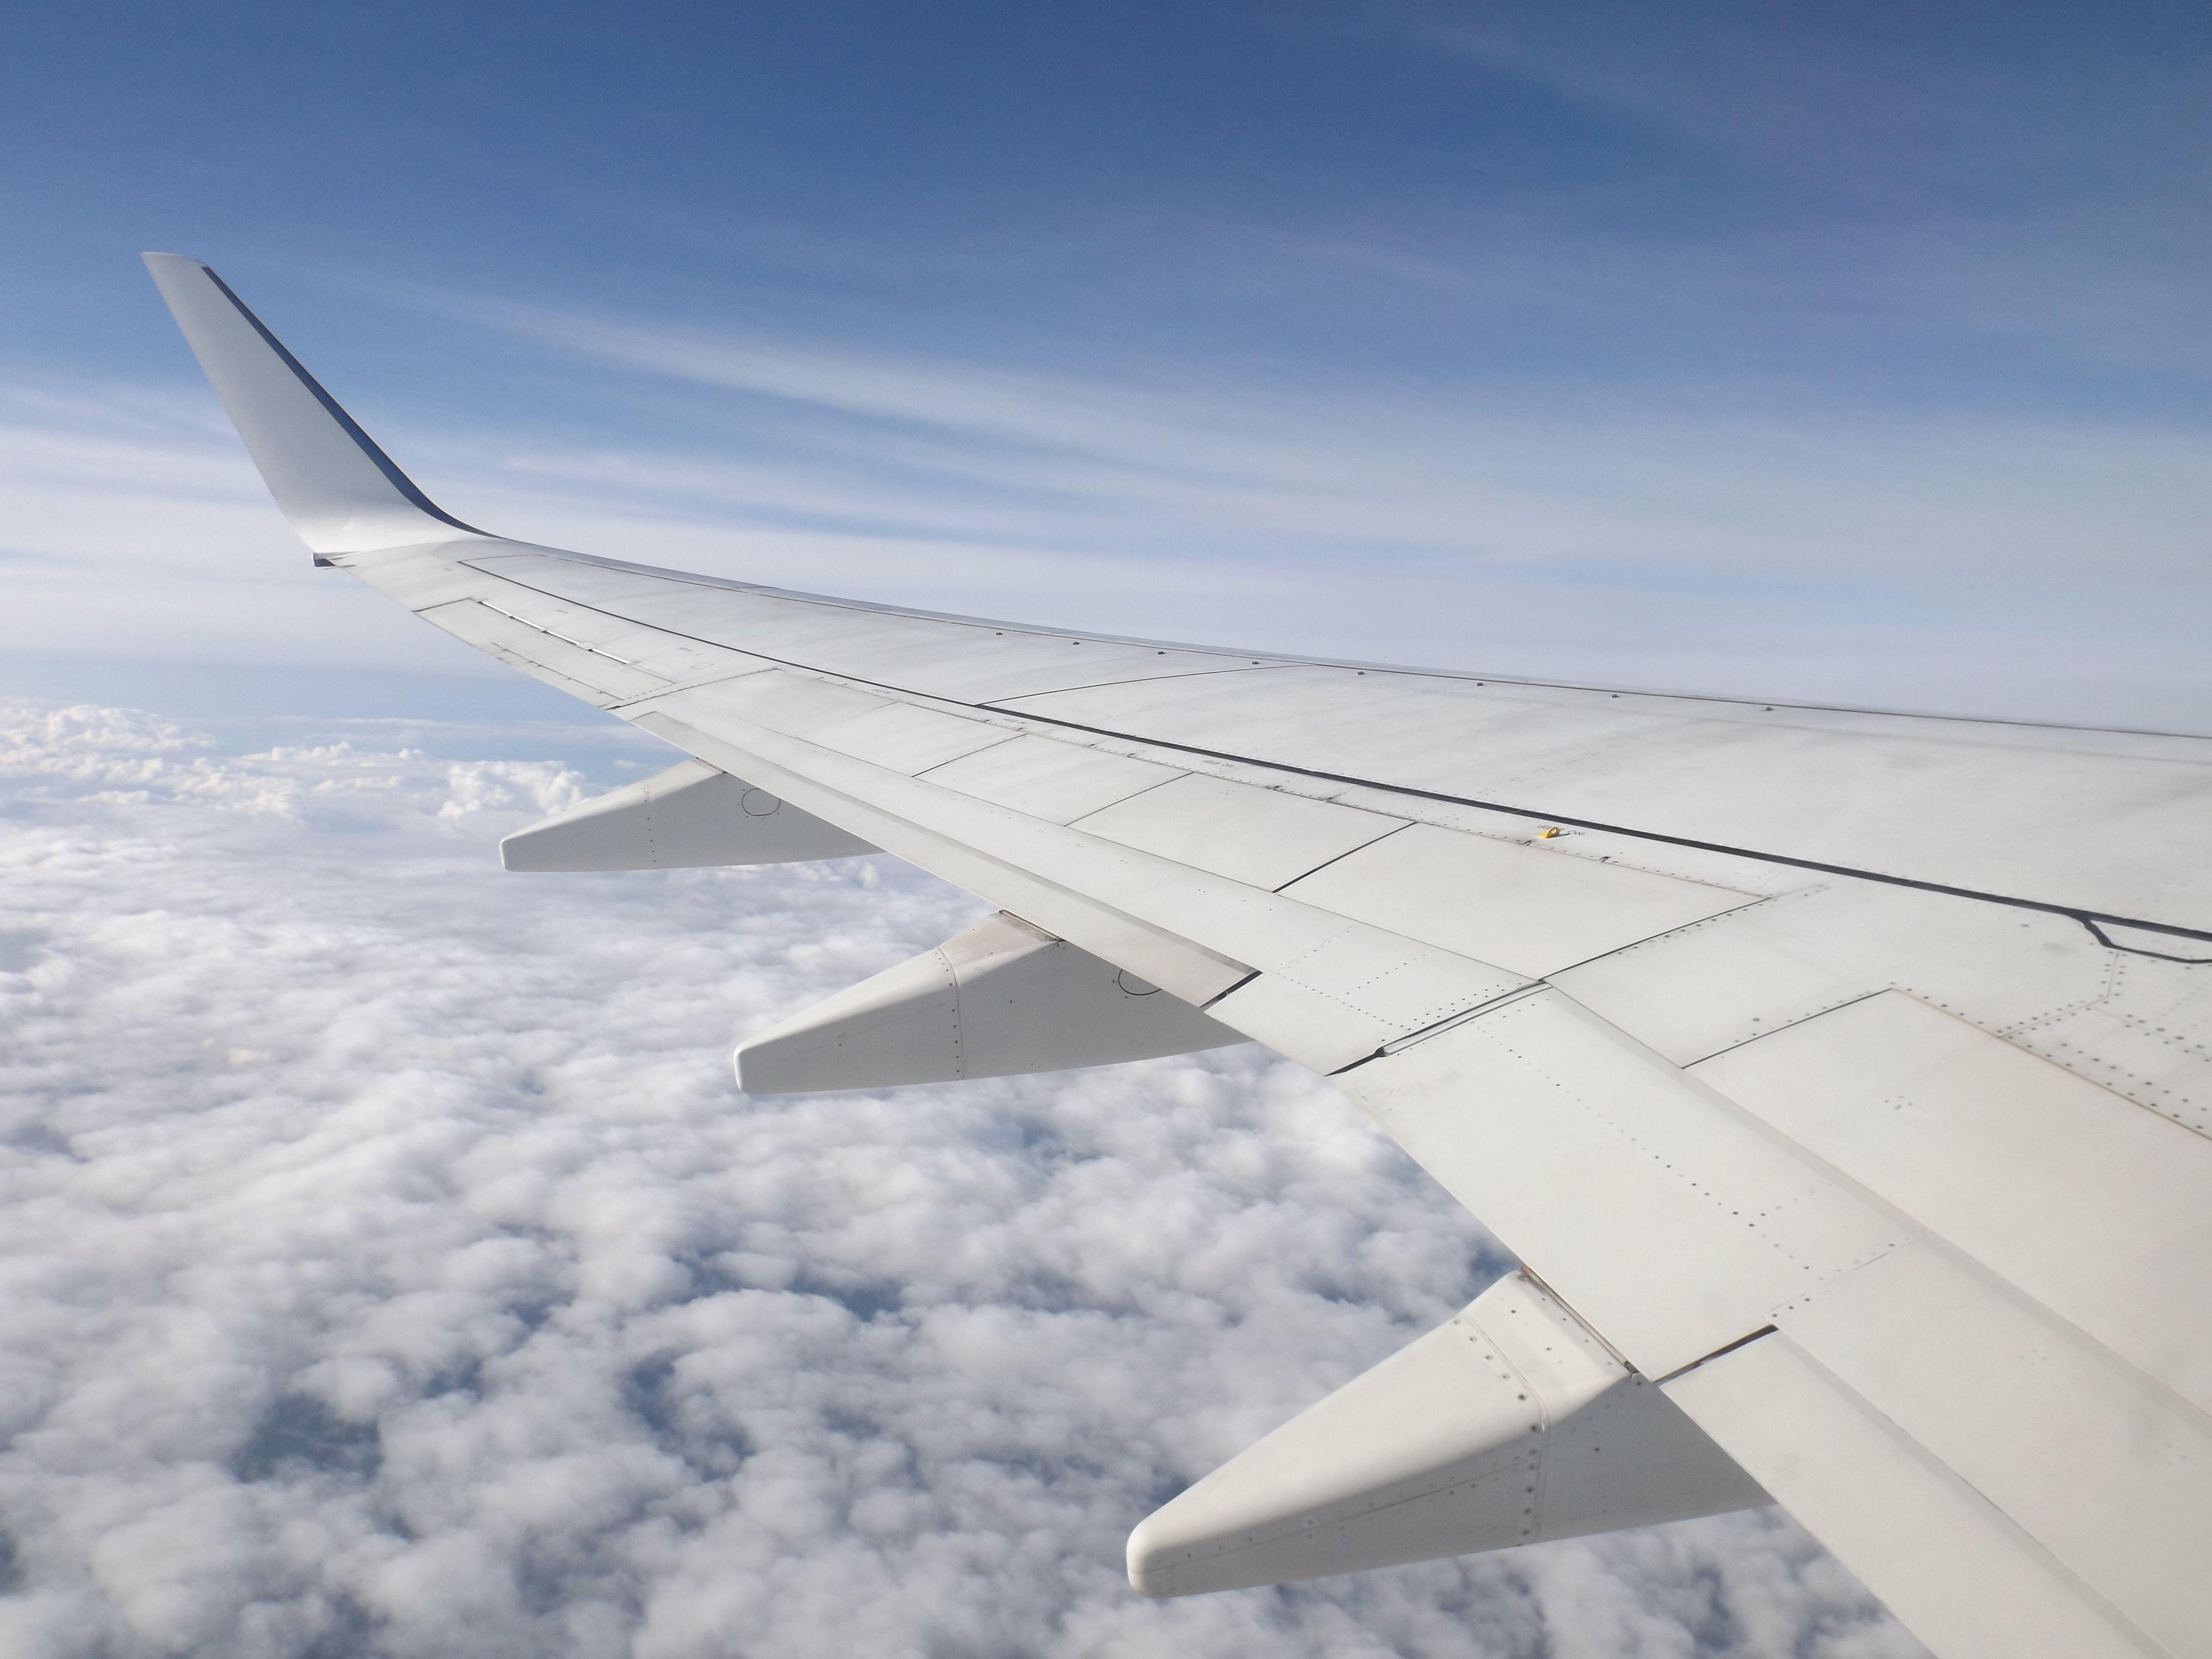 // Somewhere over Poland //